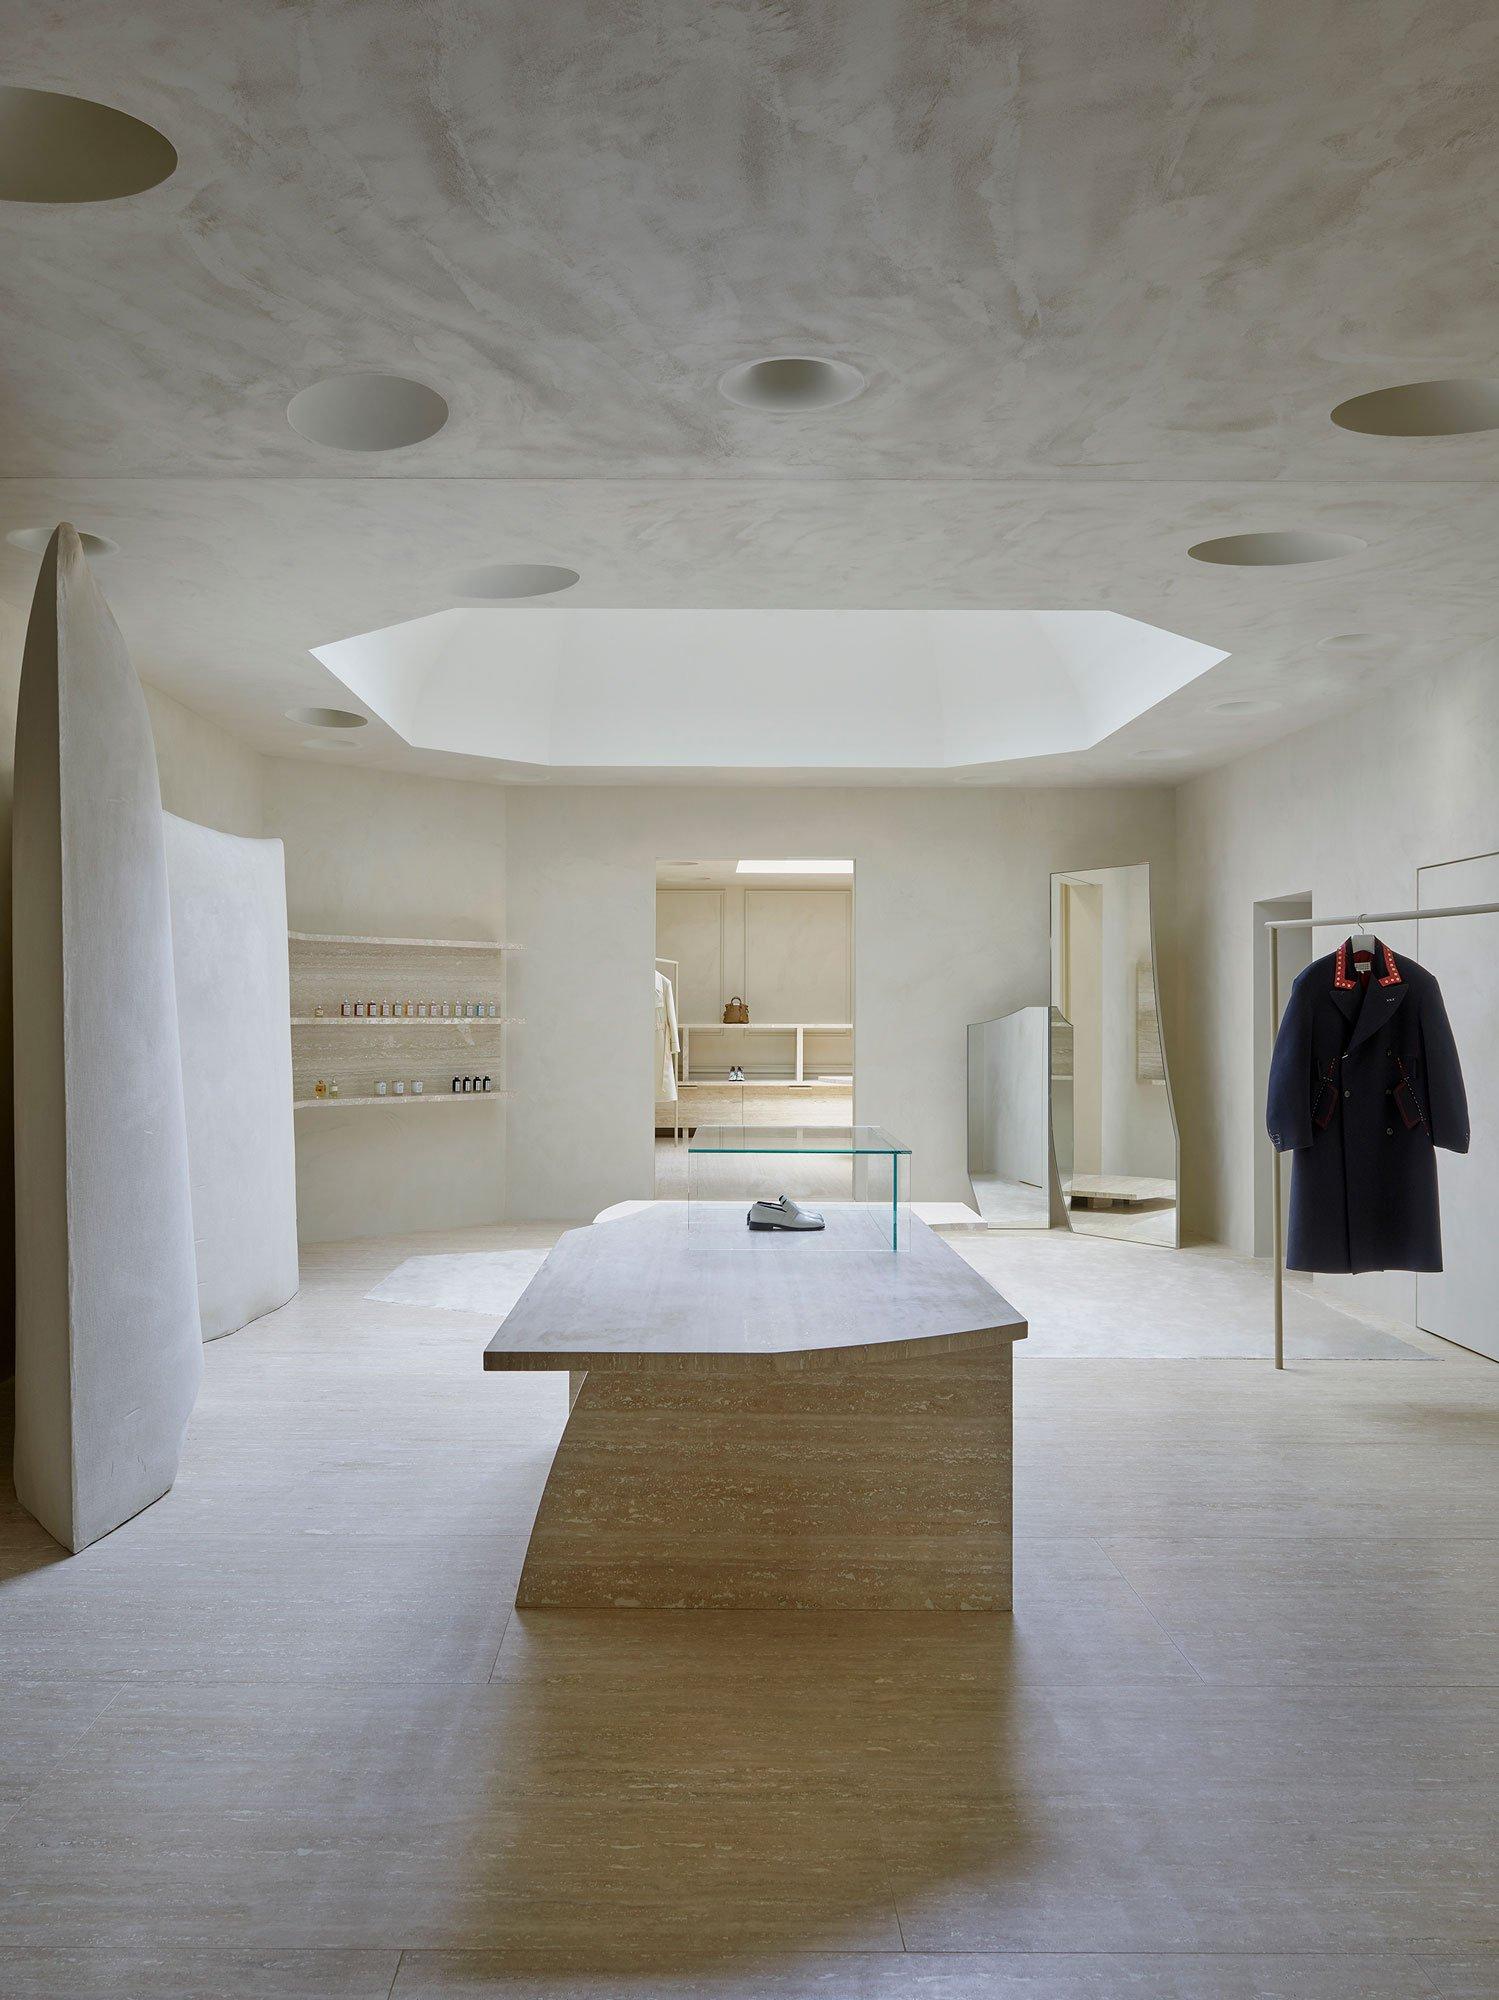 Anne Holtrop gestaltet die neuen Maison-Margiela-Boutiquen